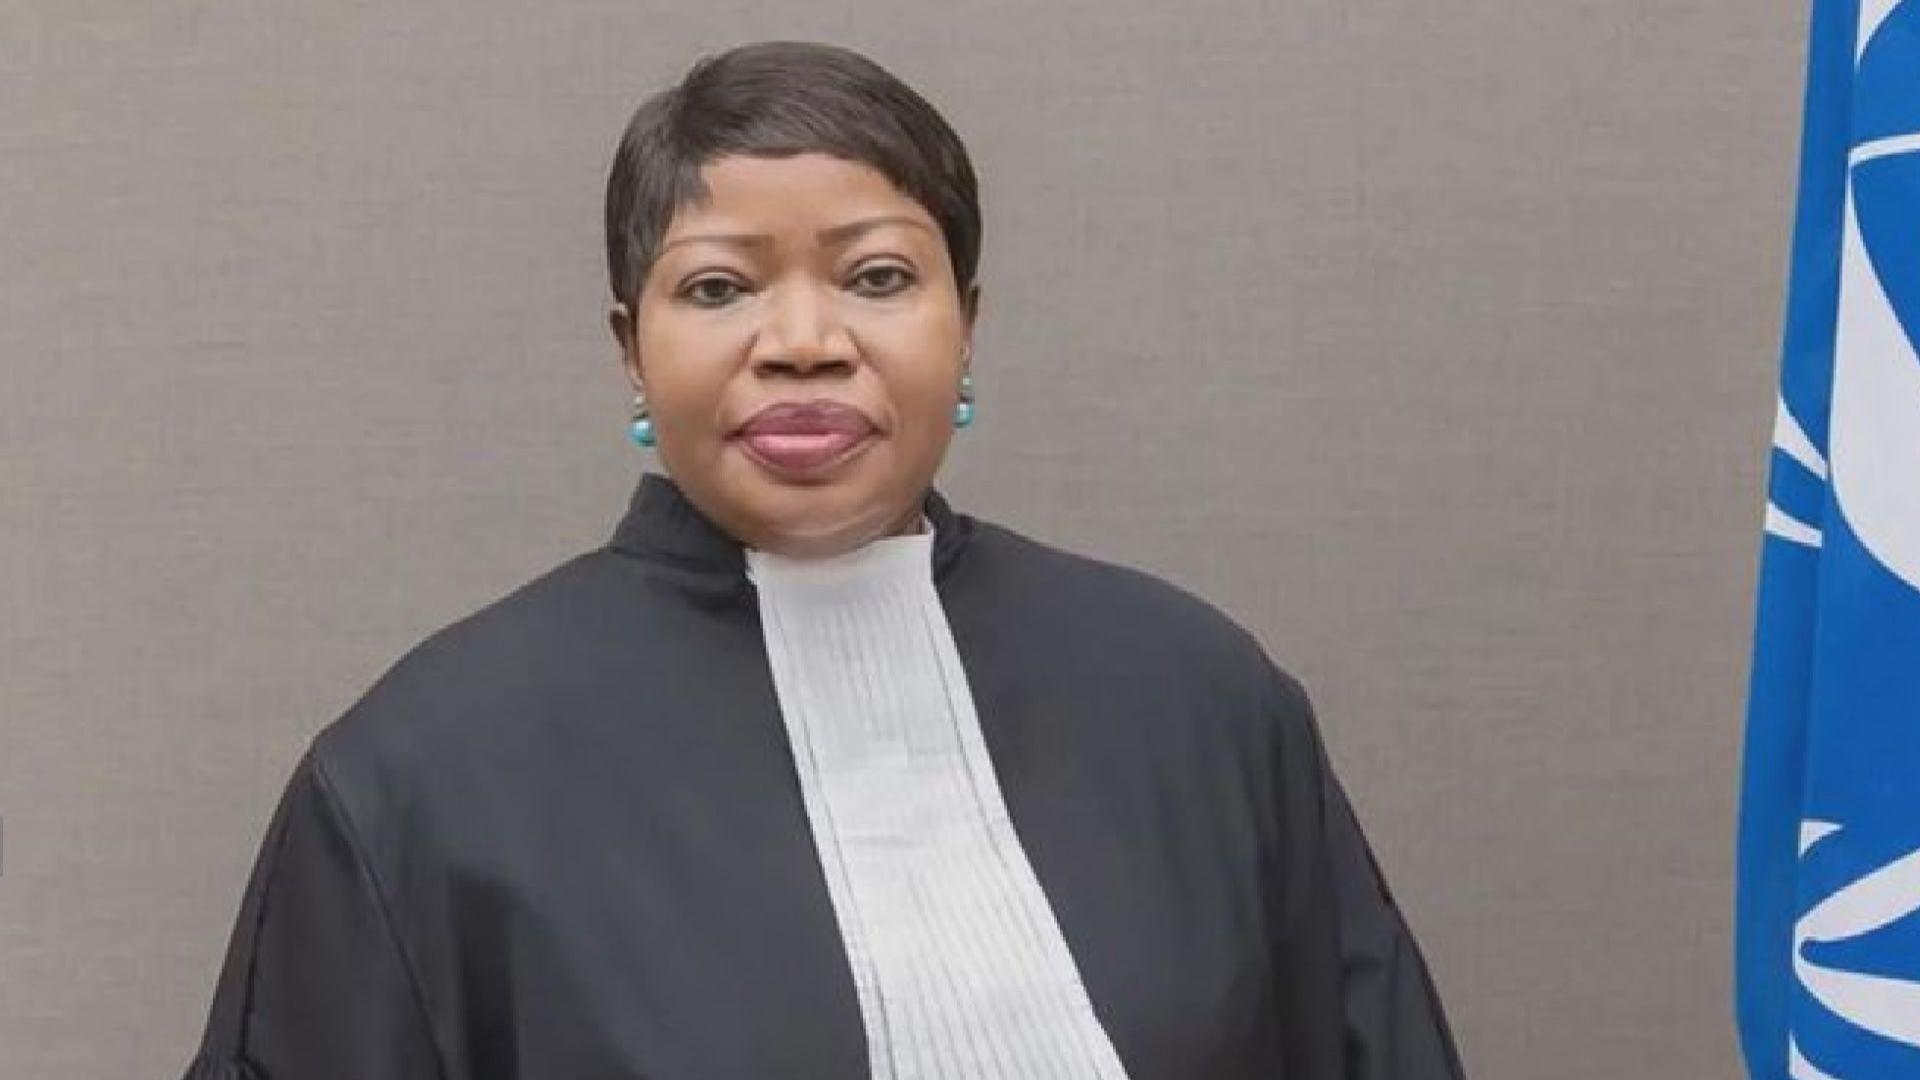 美國制裁國際刑事法院首席檢察官